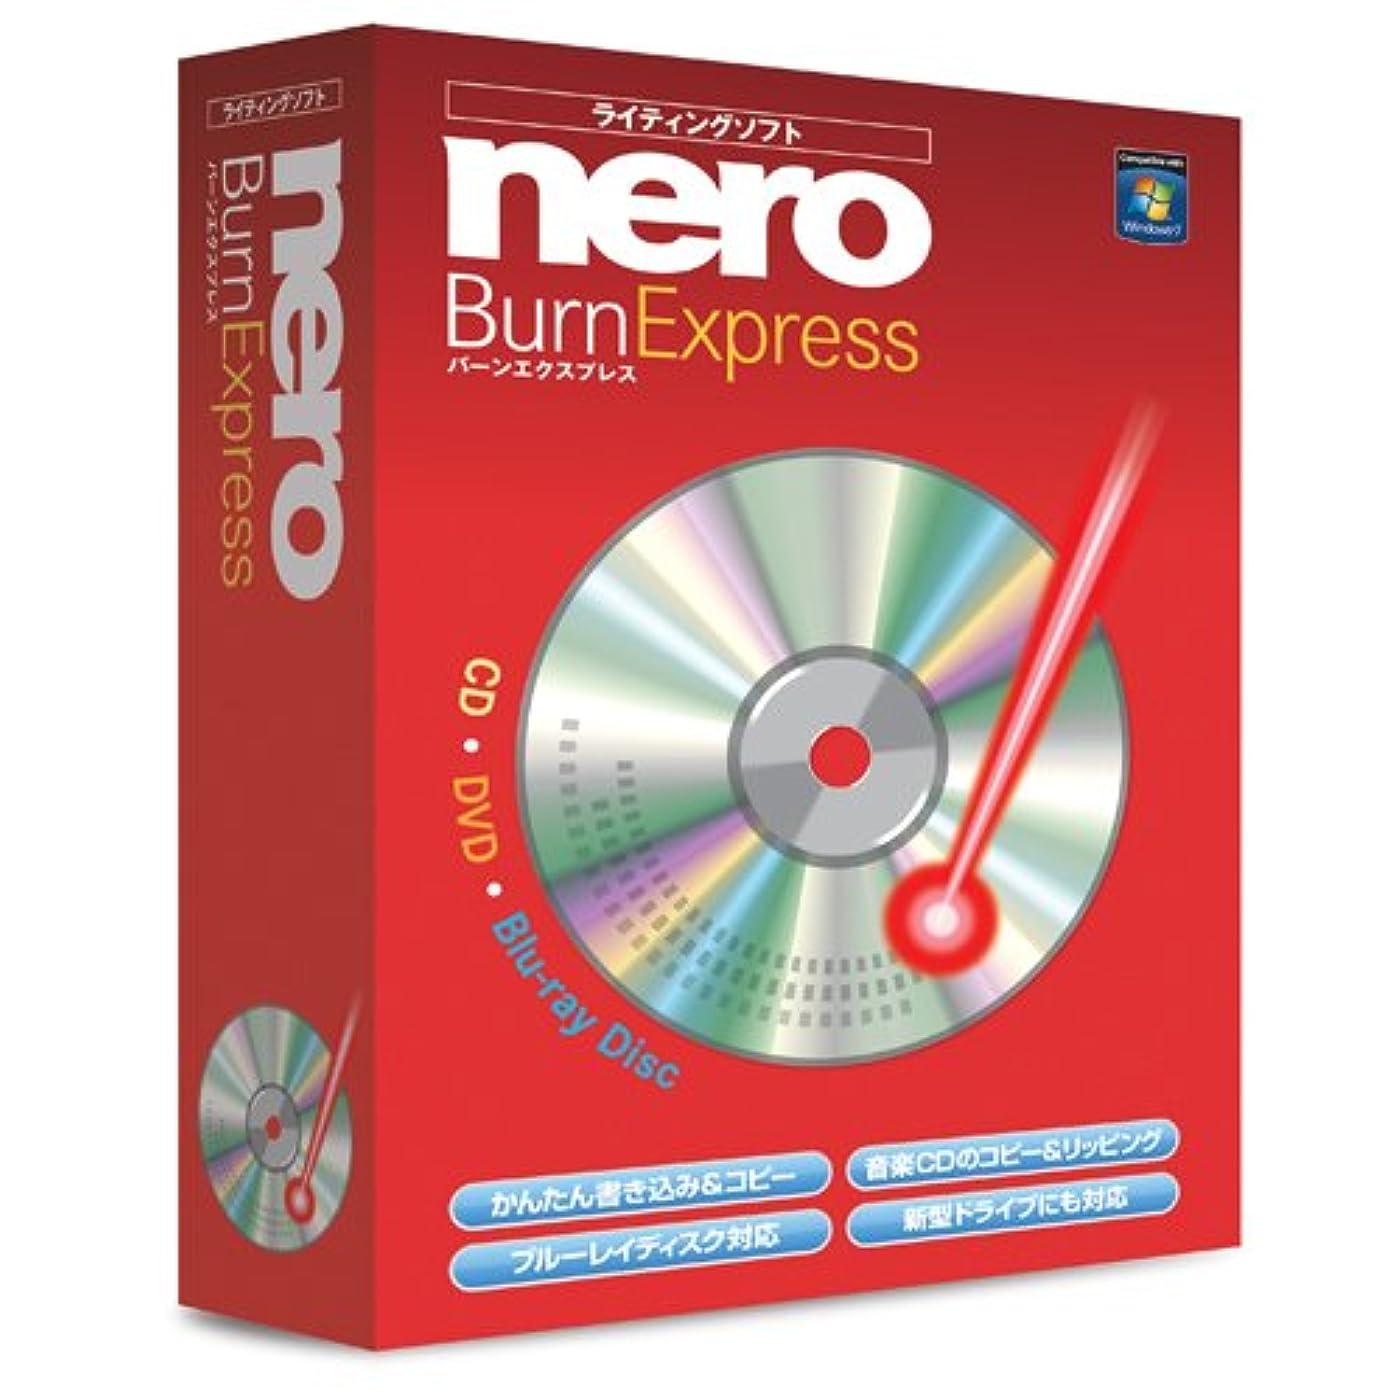 言う商標条件付きNero BurnExpress